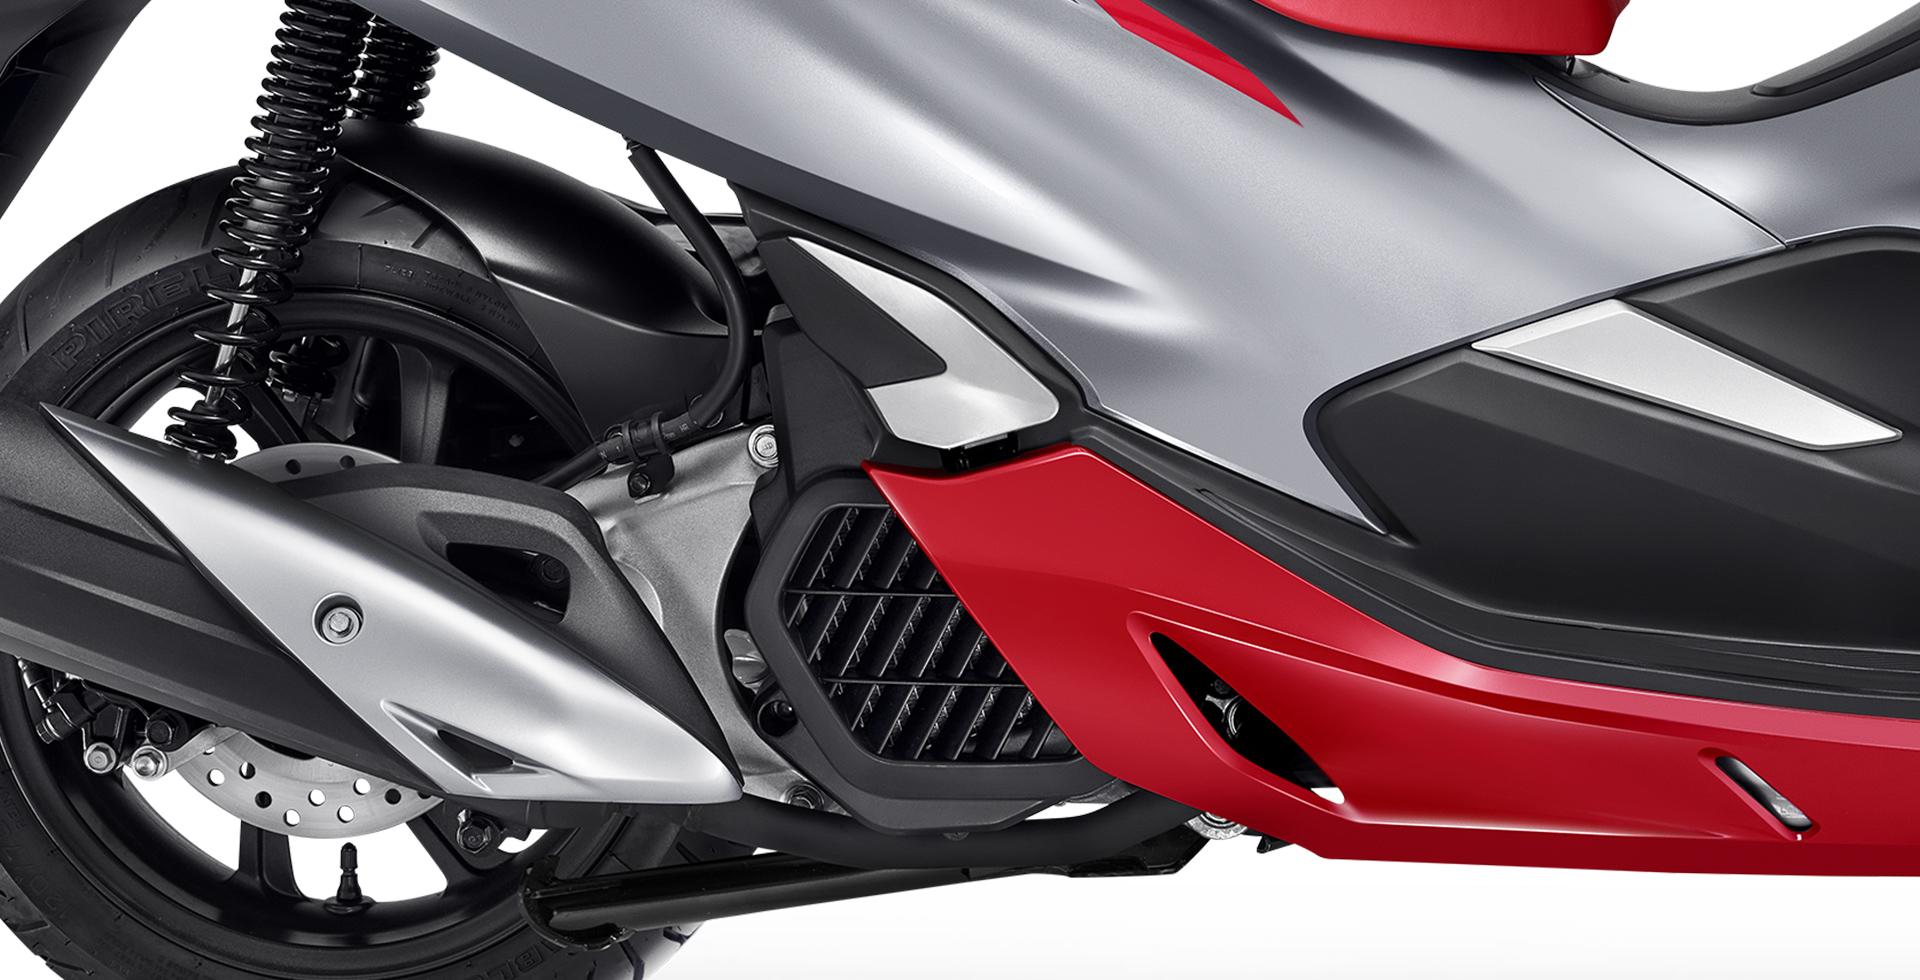 Ficha técnica Honda PCX 150 2020